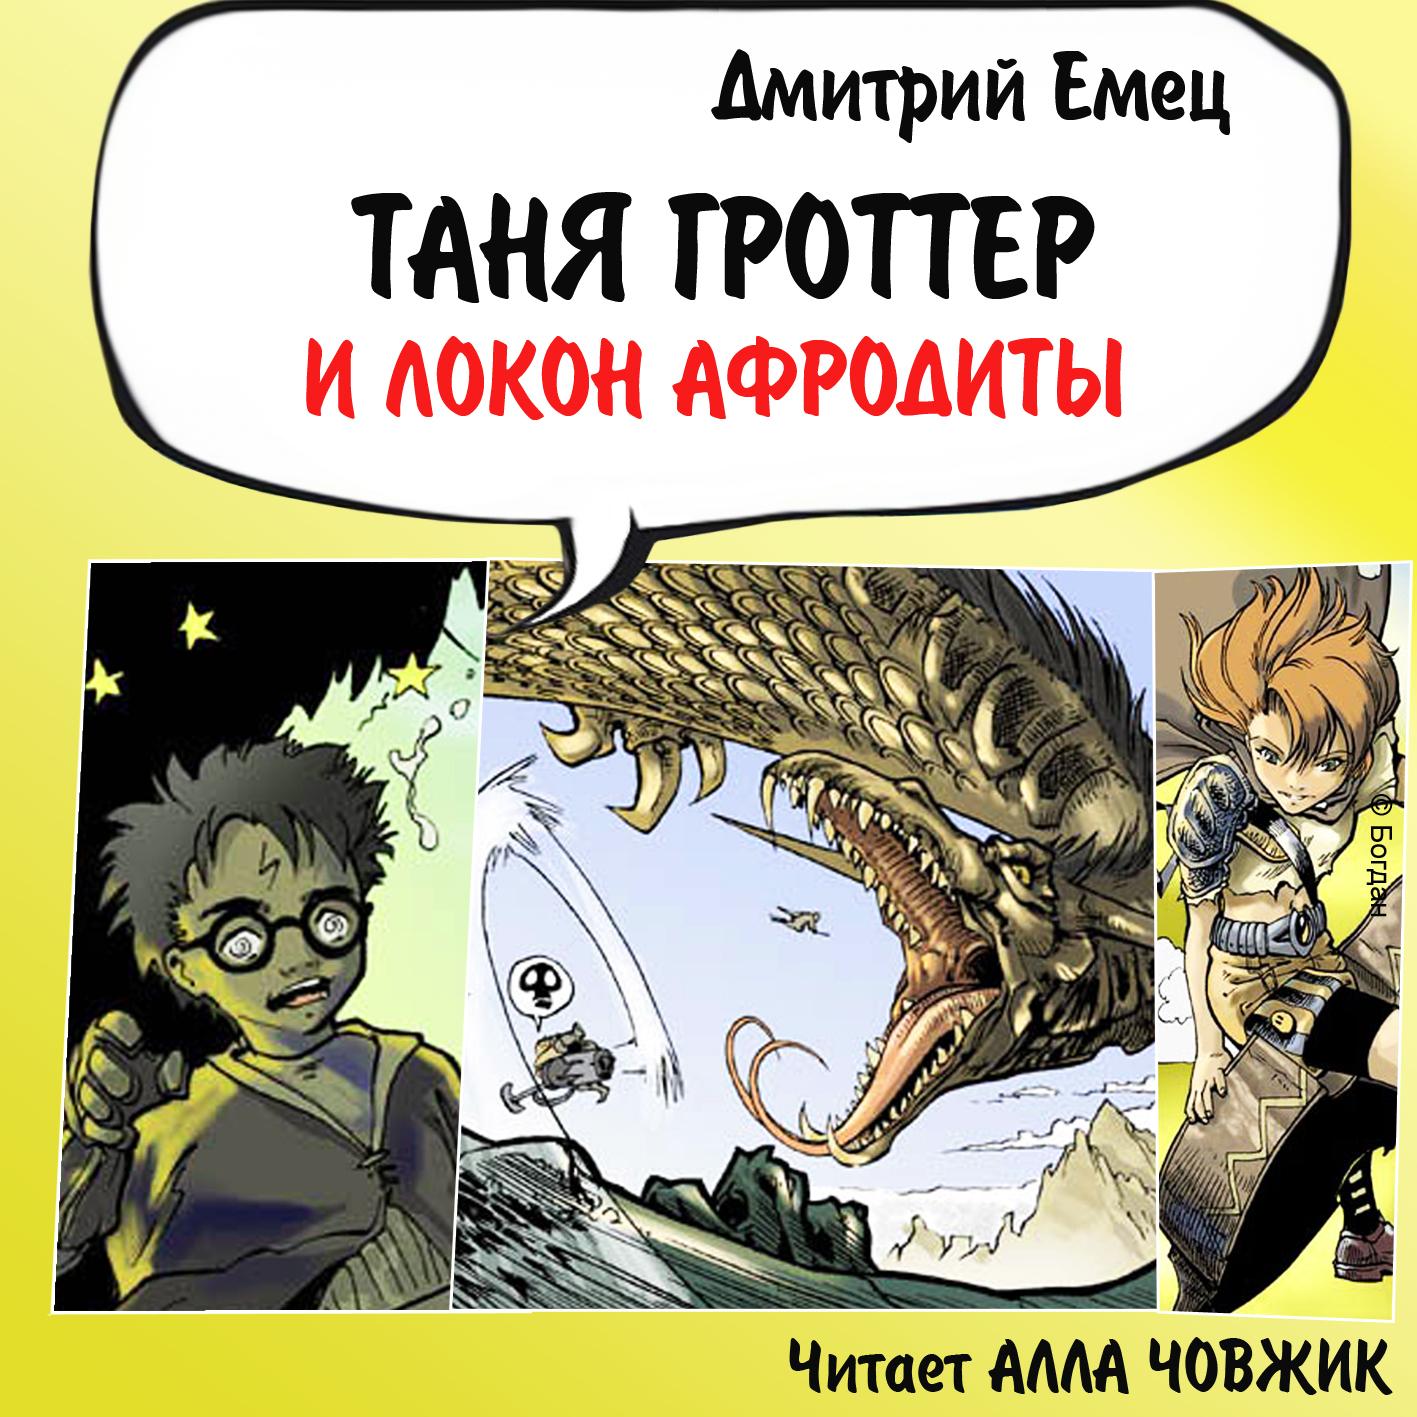 Дмитрий Емец Таня Гроттер и локон Афродиты емец д таня гроттер и локон афродиты